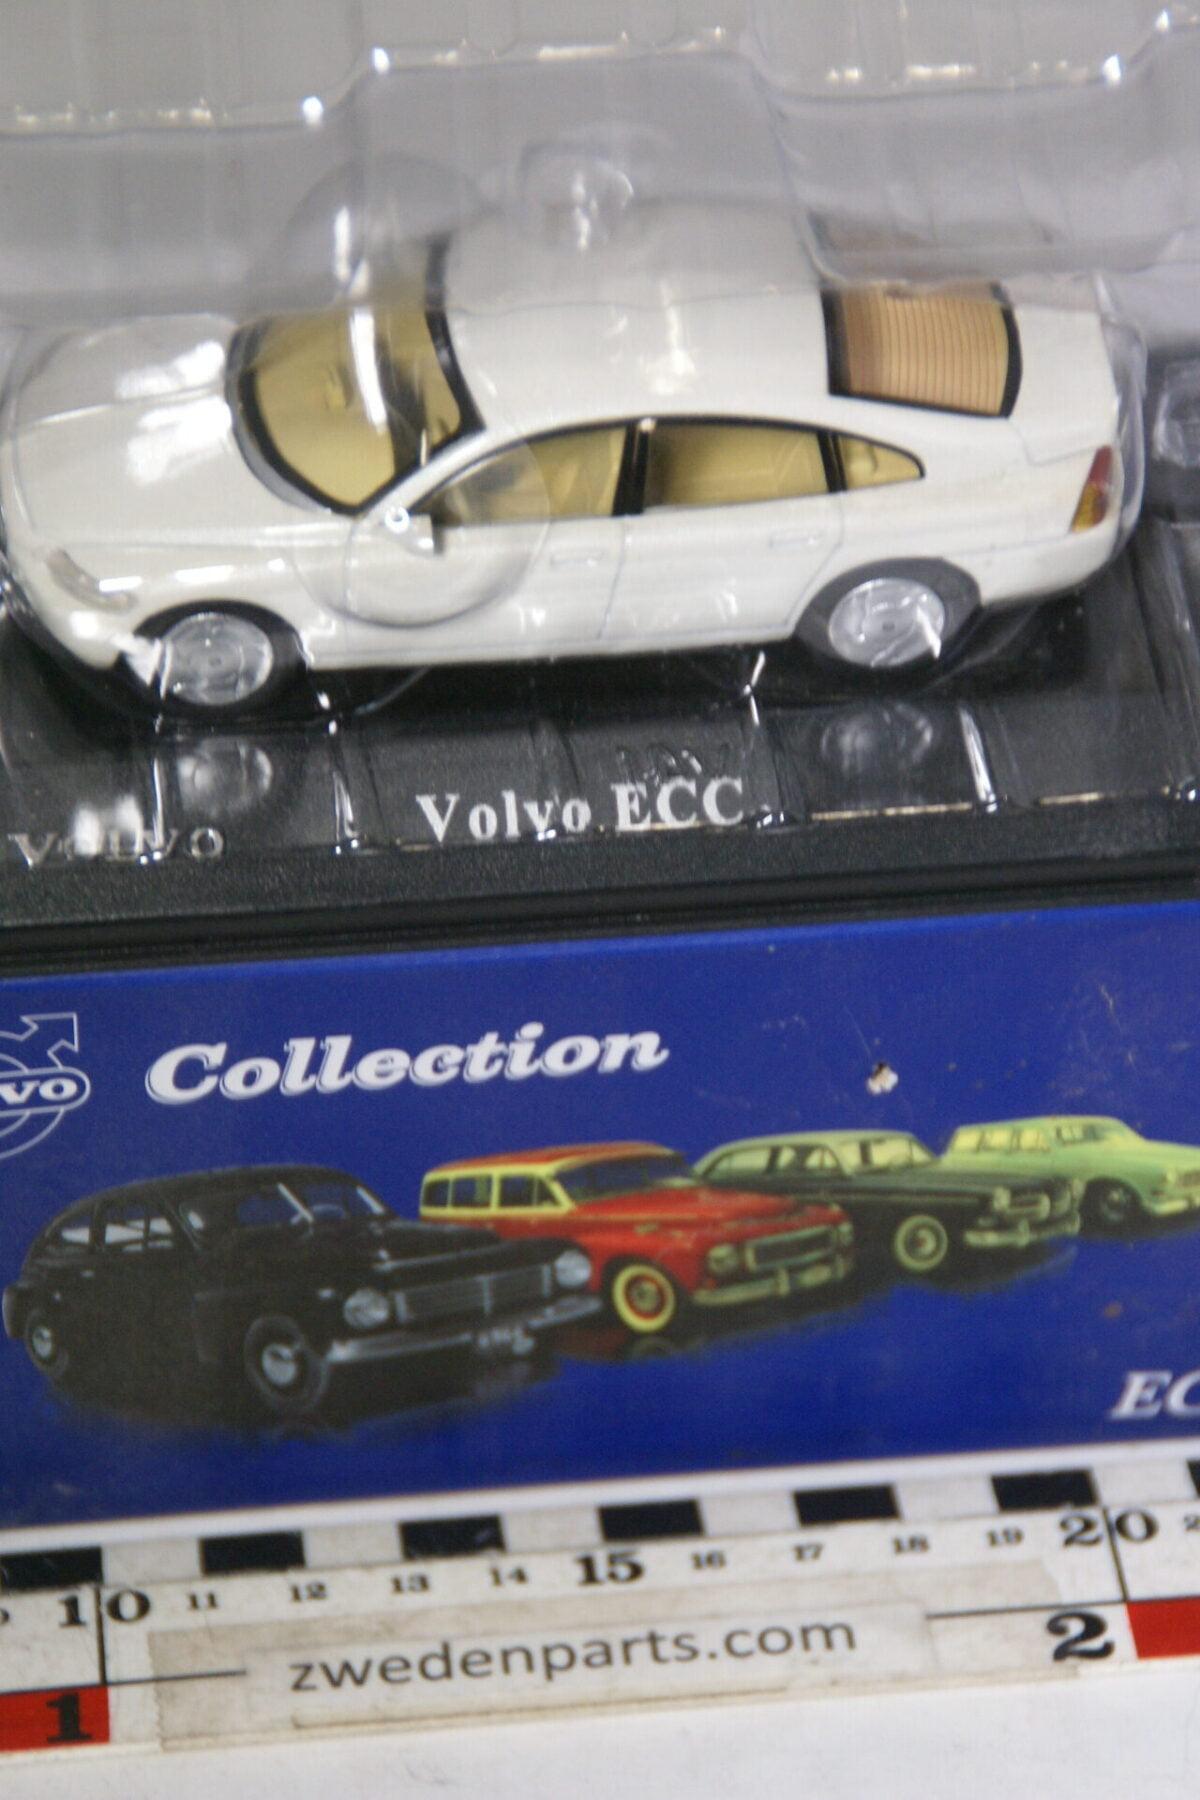 DSC00517 miniatuur Volvo ECC prototype wit 1op43 Atlas 41 nieuw in originele verpakking-63dab238